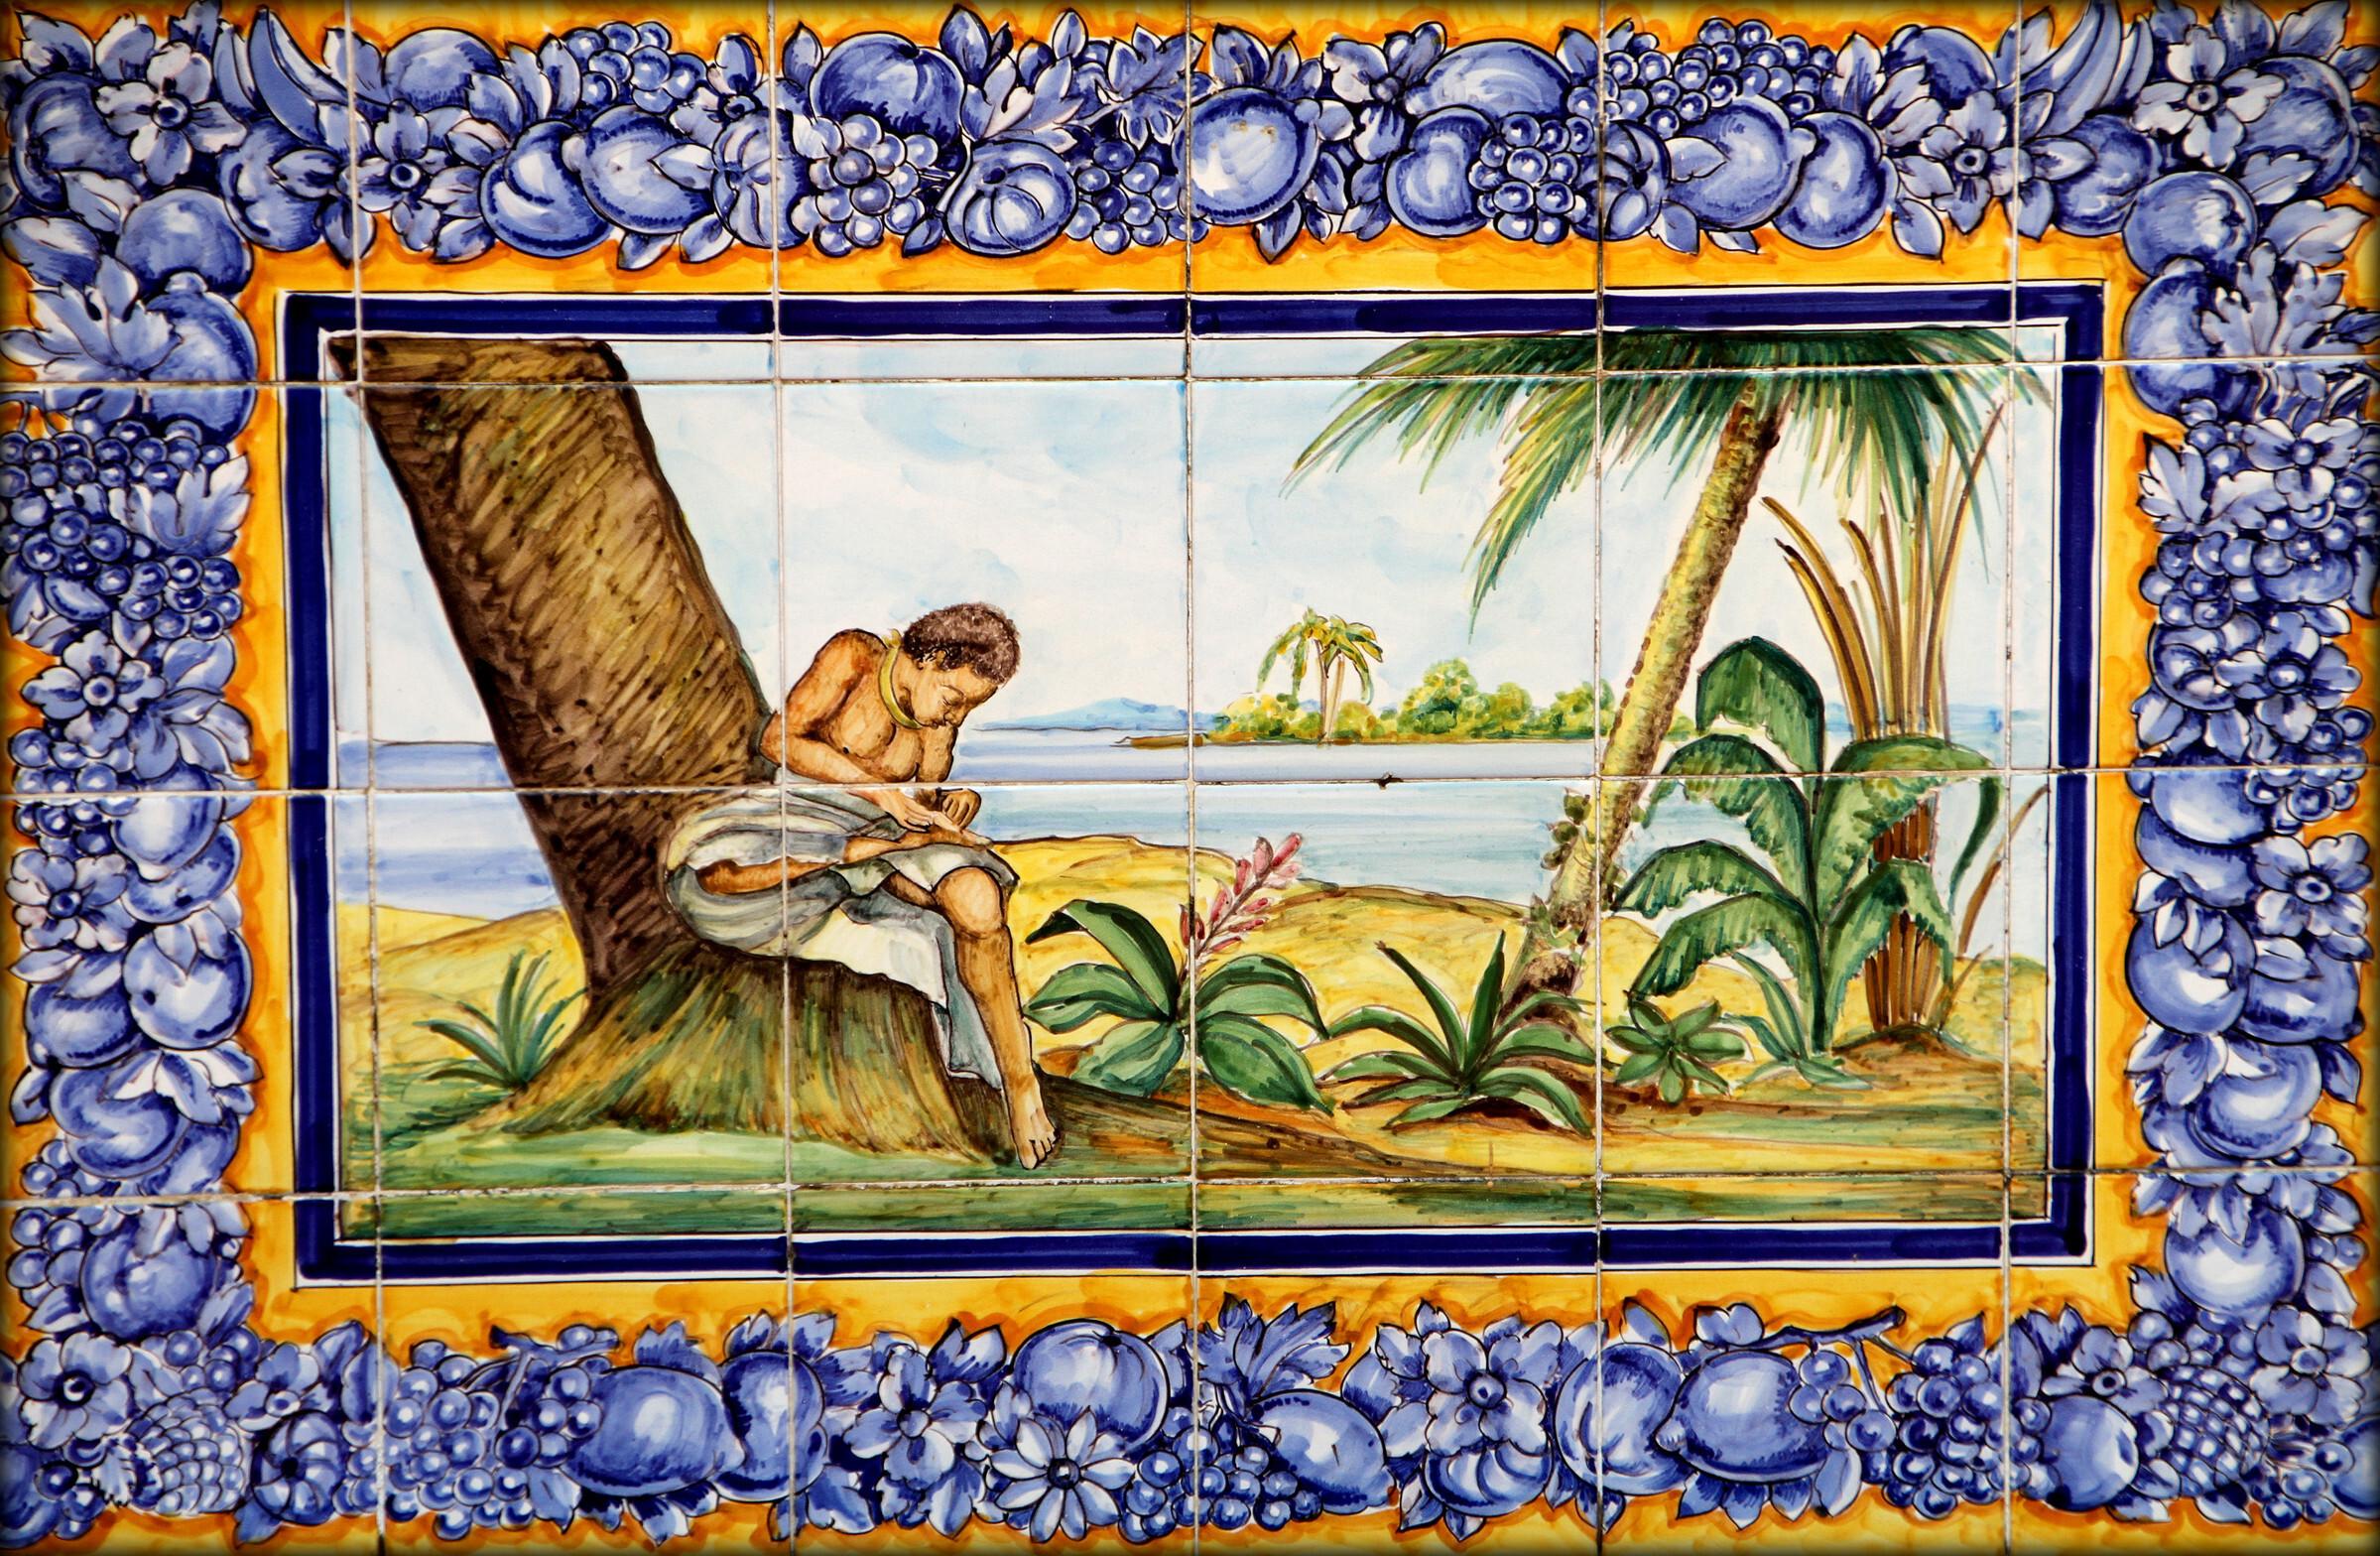 """Фото из альбома """"Знакомьтесь, Малабо!"""", Малабо, Экваториальная Гвинея"""